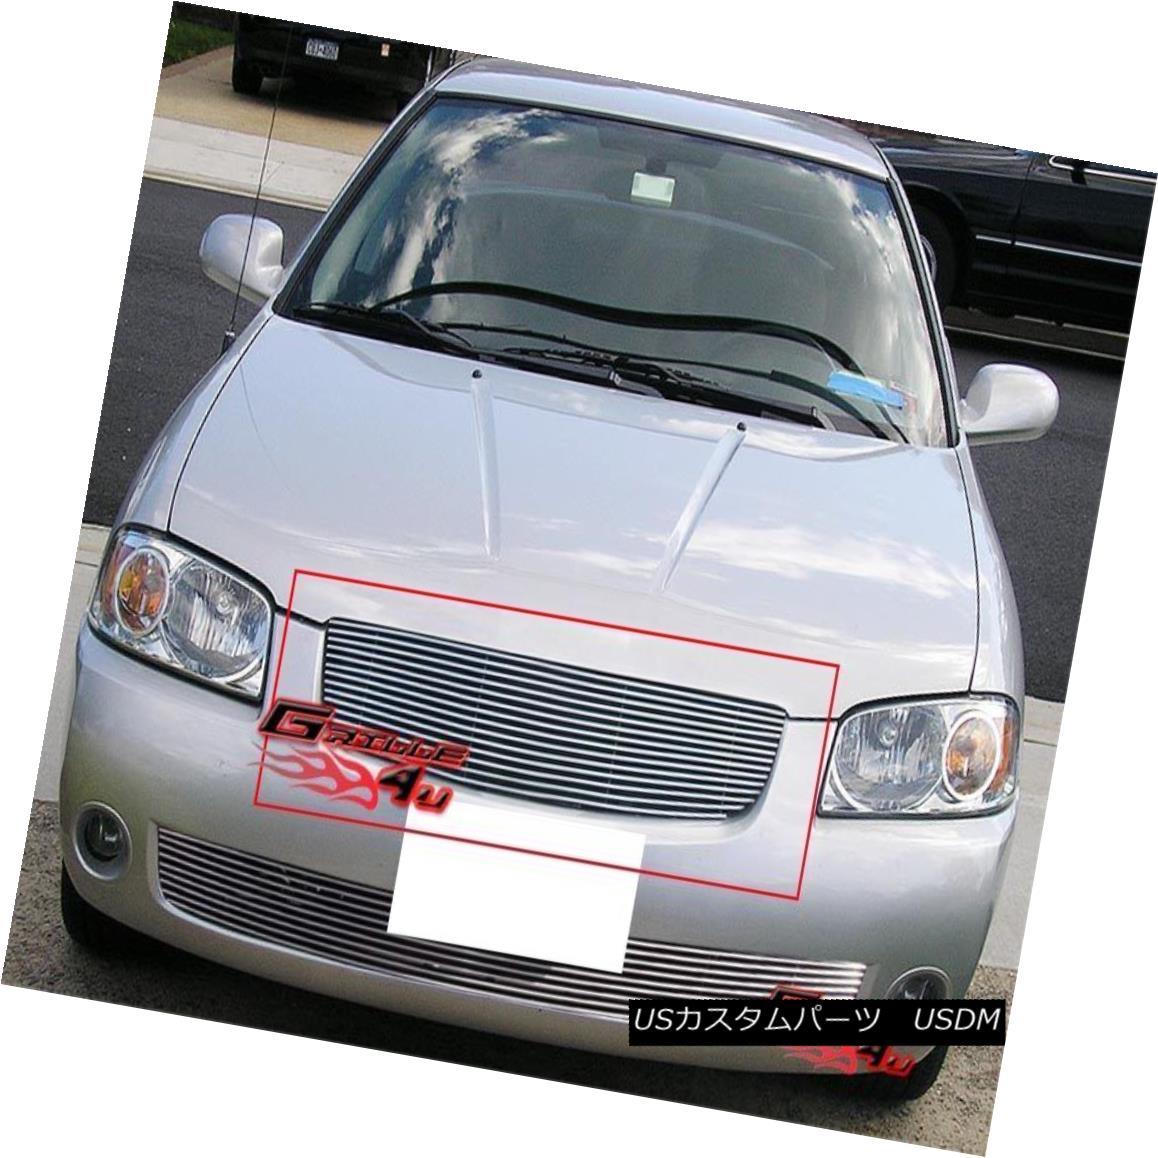 グリル Fits 2004-2006 Nissan Sentra Main Upper Billet Grille Insert 2004-2006 Nissan Sentraメインアッパービレットグリルインサート